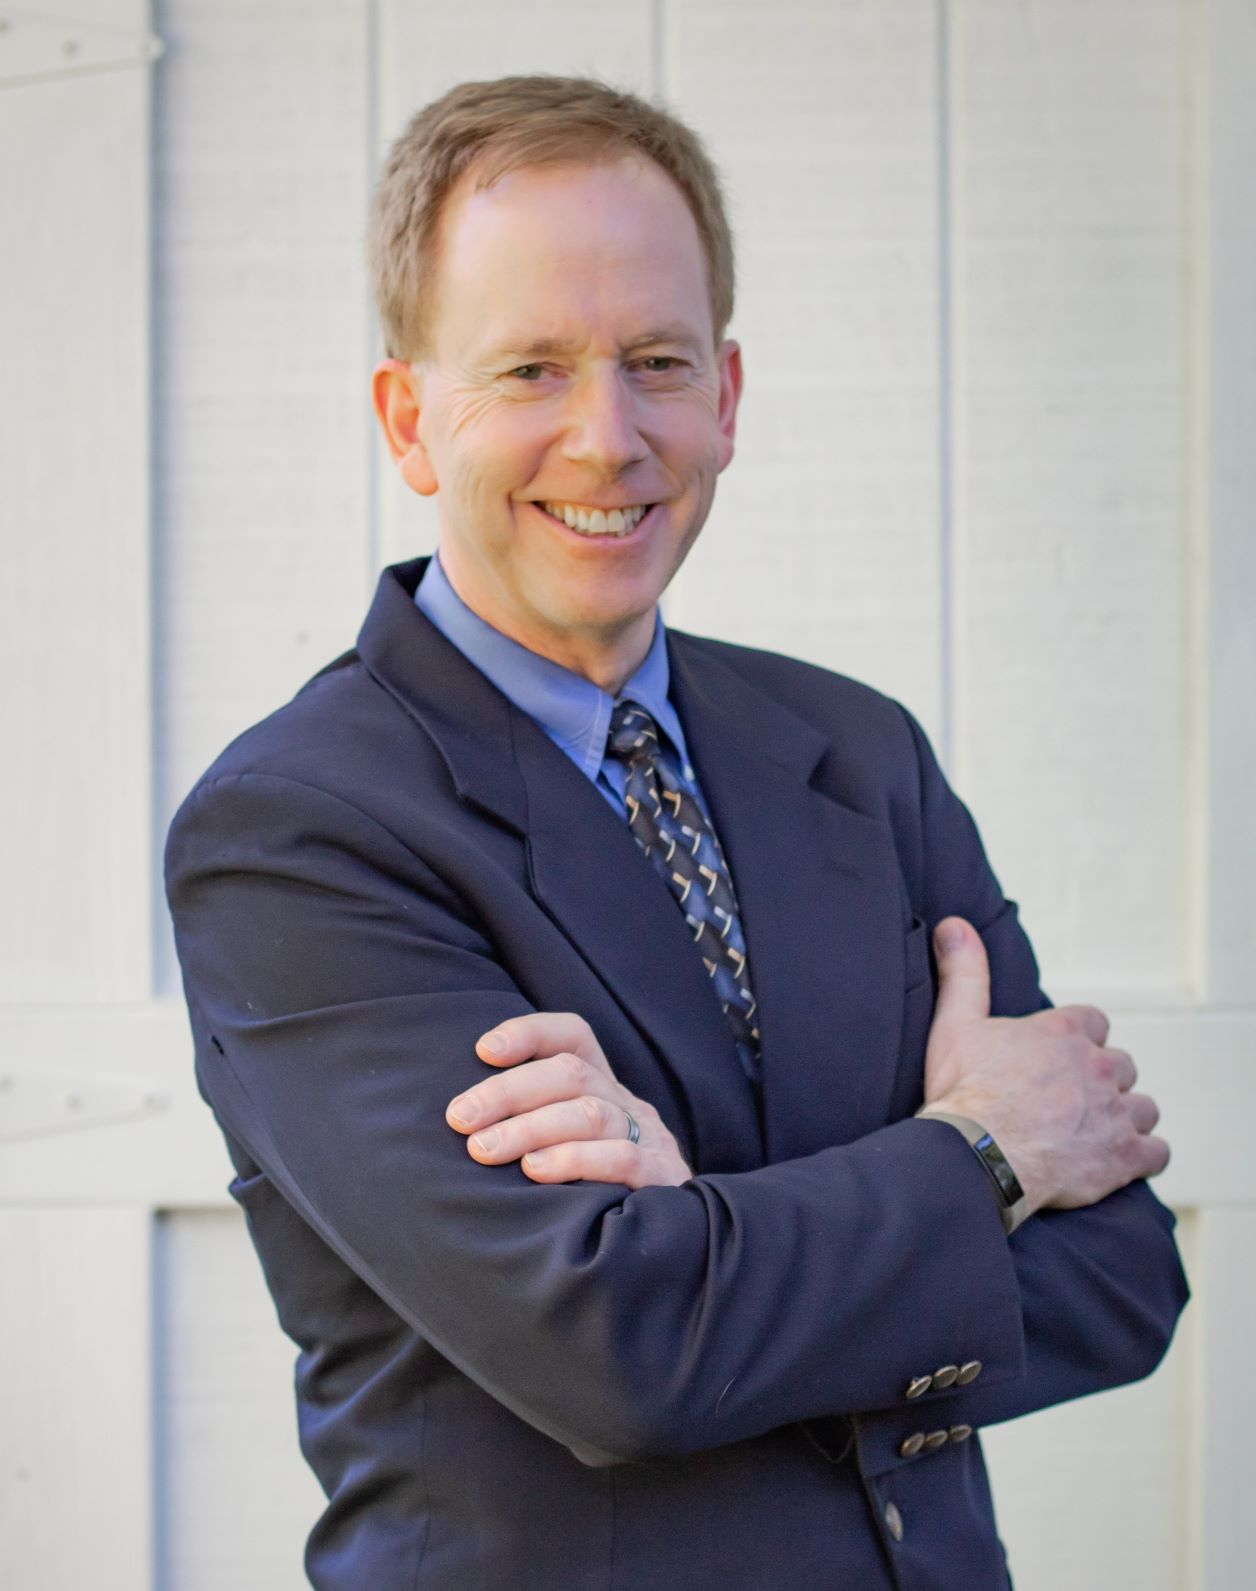 Mark Welti